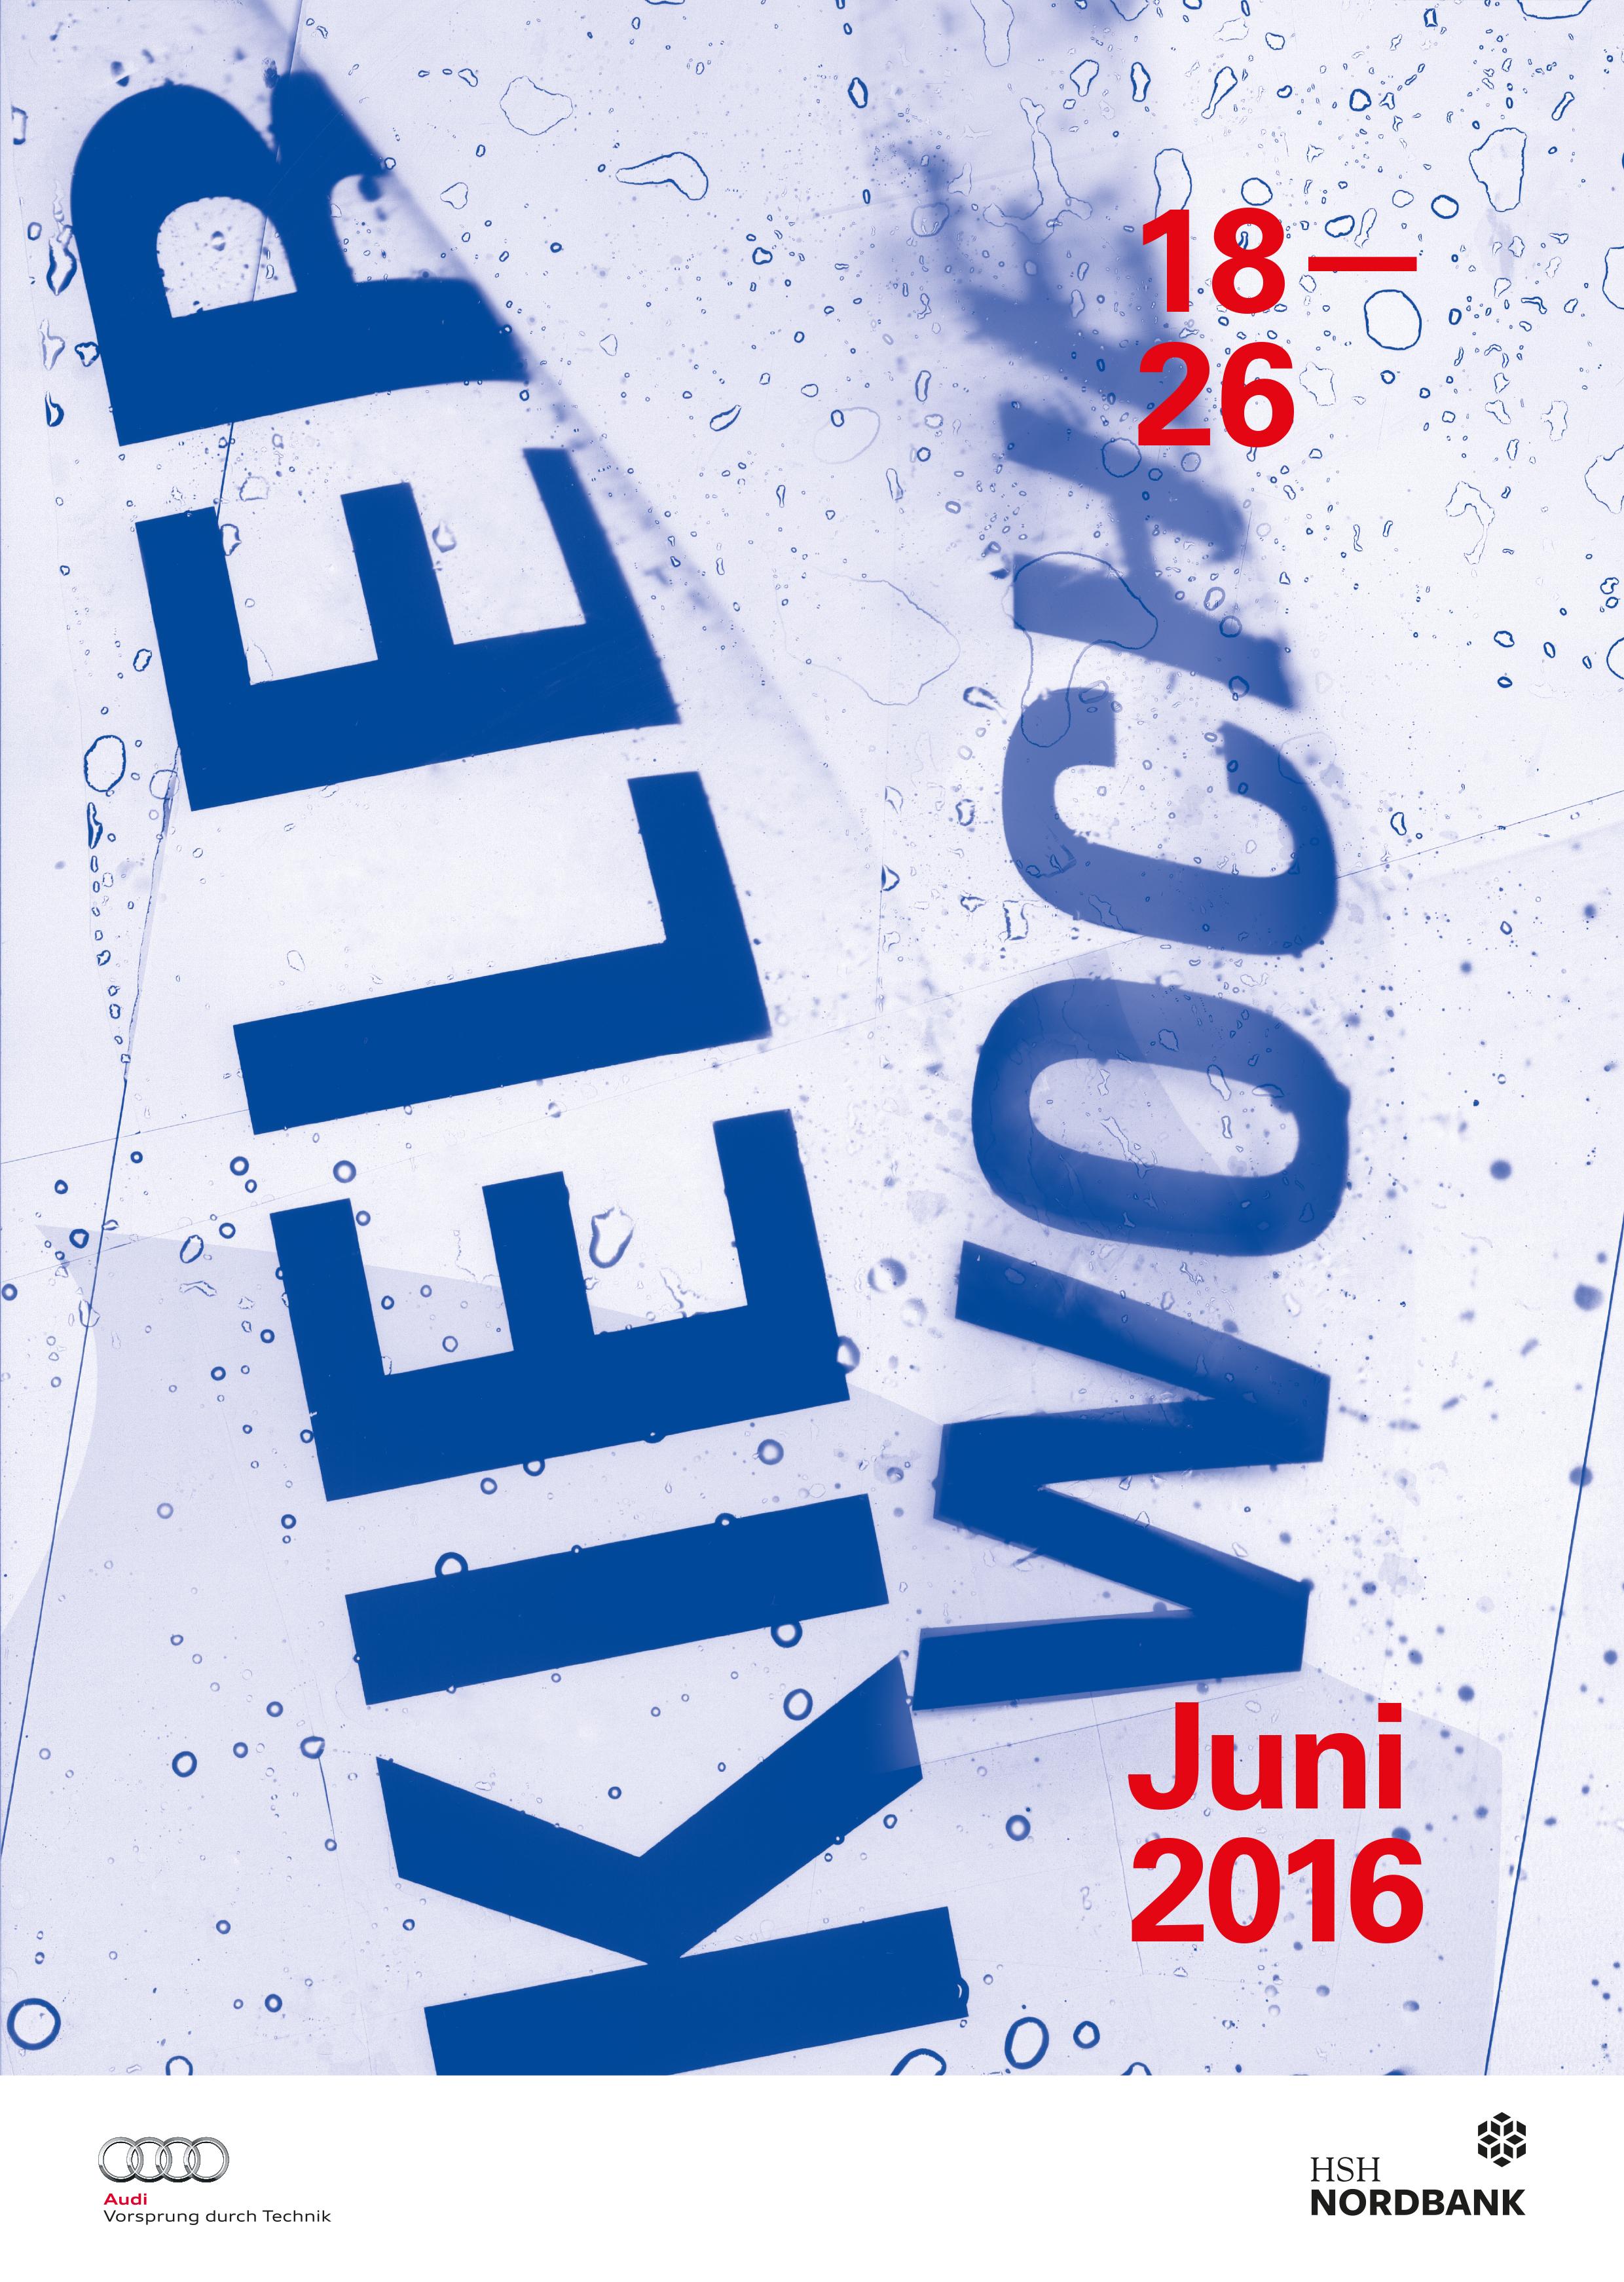 Kieler-Woche-Plakat 2016